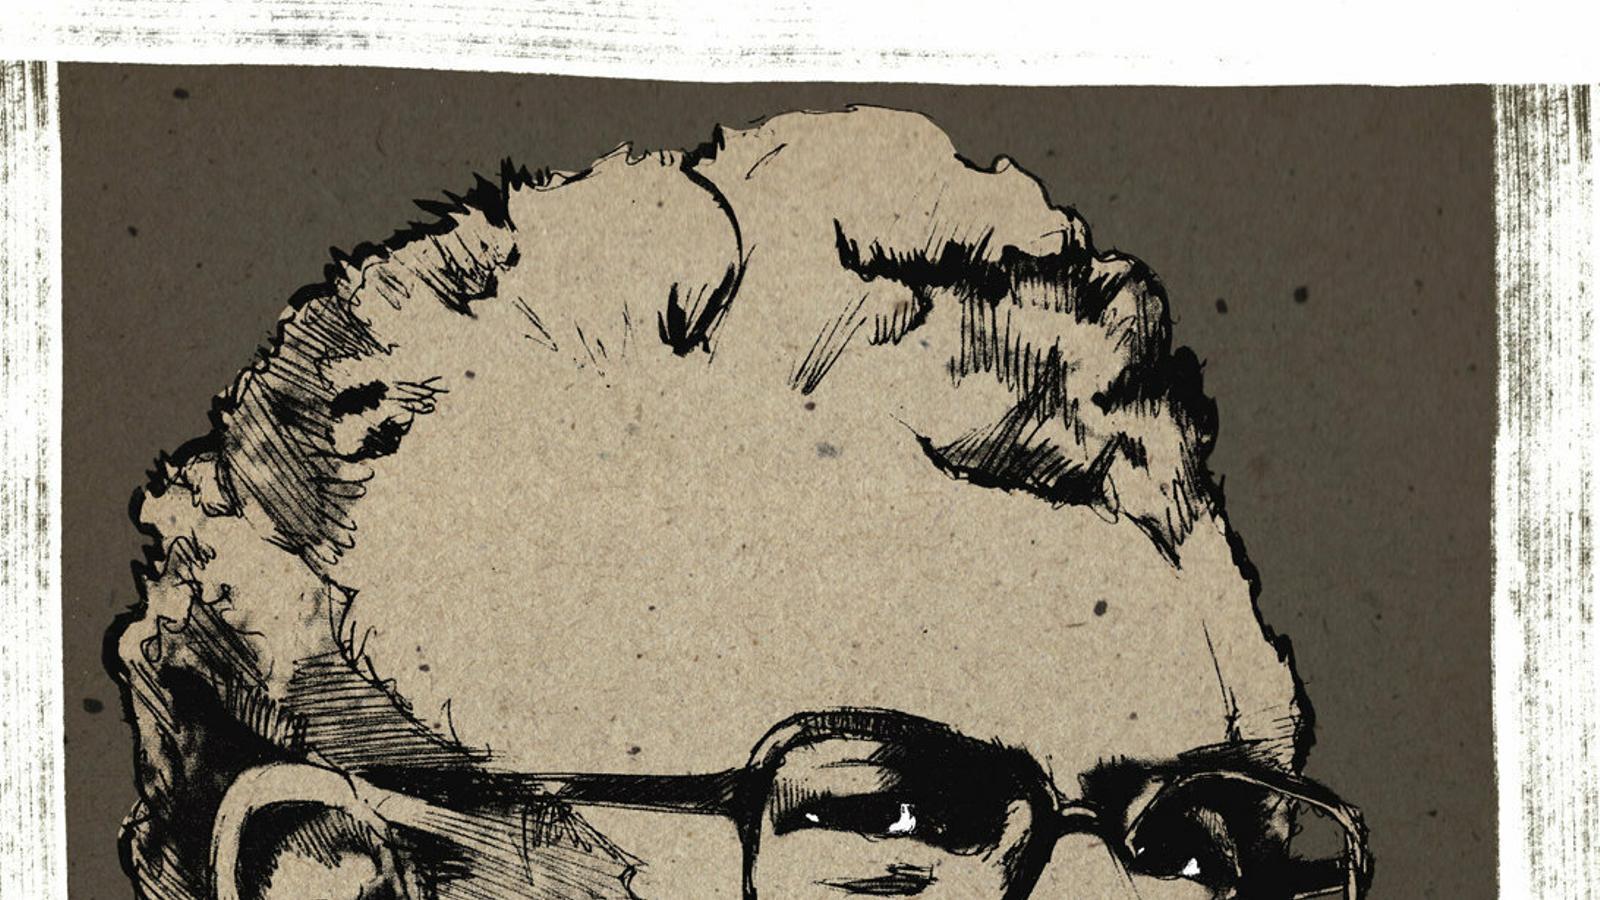 La UIB homenatja el filòsof Albert Saoner, vint anys després   De la seva mort